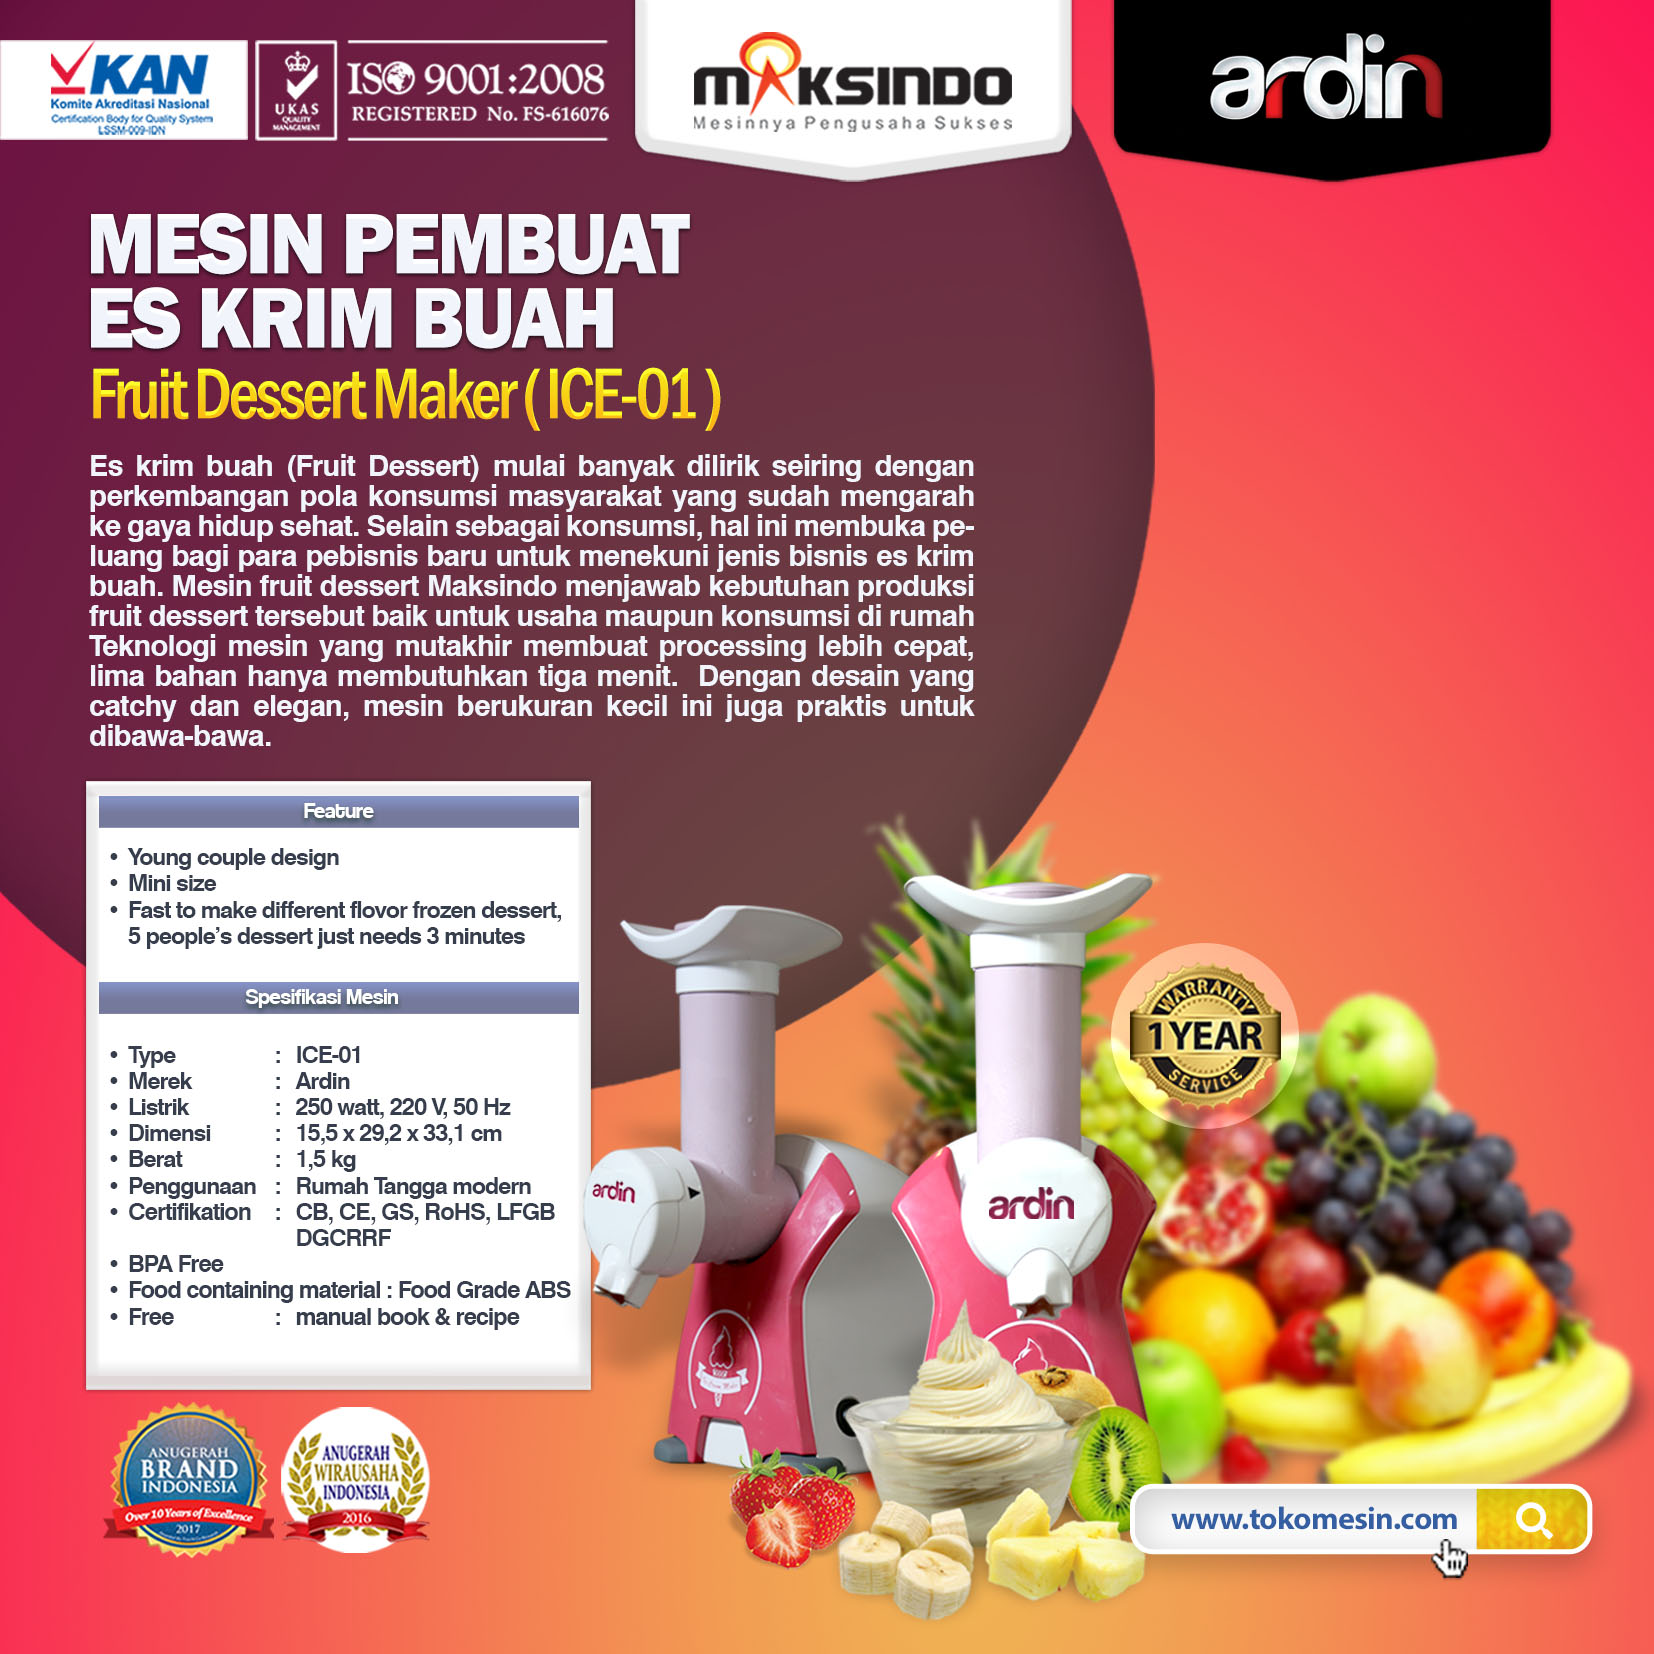 Jual Mesin Es Krim Buah Rumah Tangga di Bogor